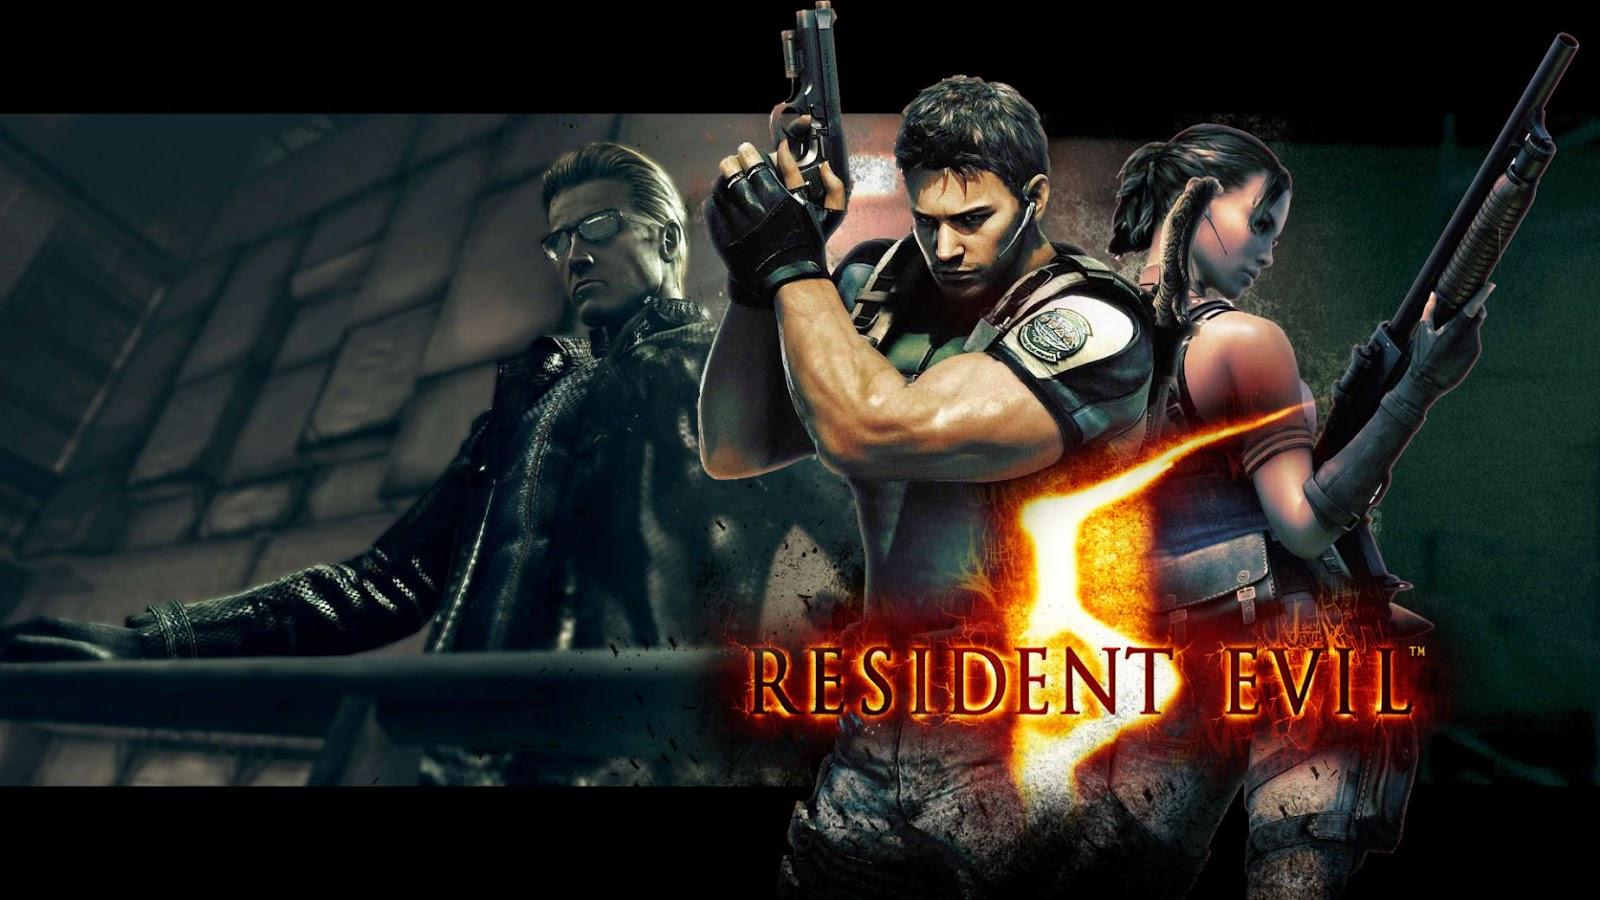 Max Payne 2 The Fall Of Max Payne Wallpaper Wallpapers Hd Wallpapers De Juegos Variados Killzone 3